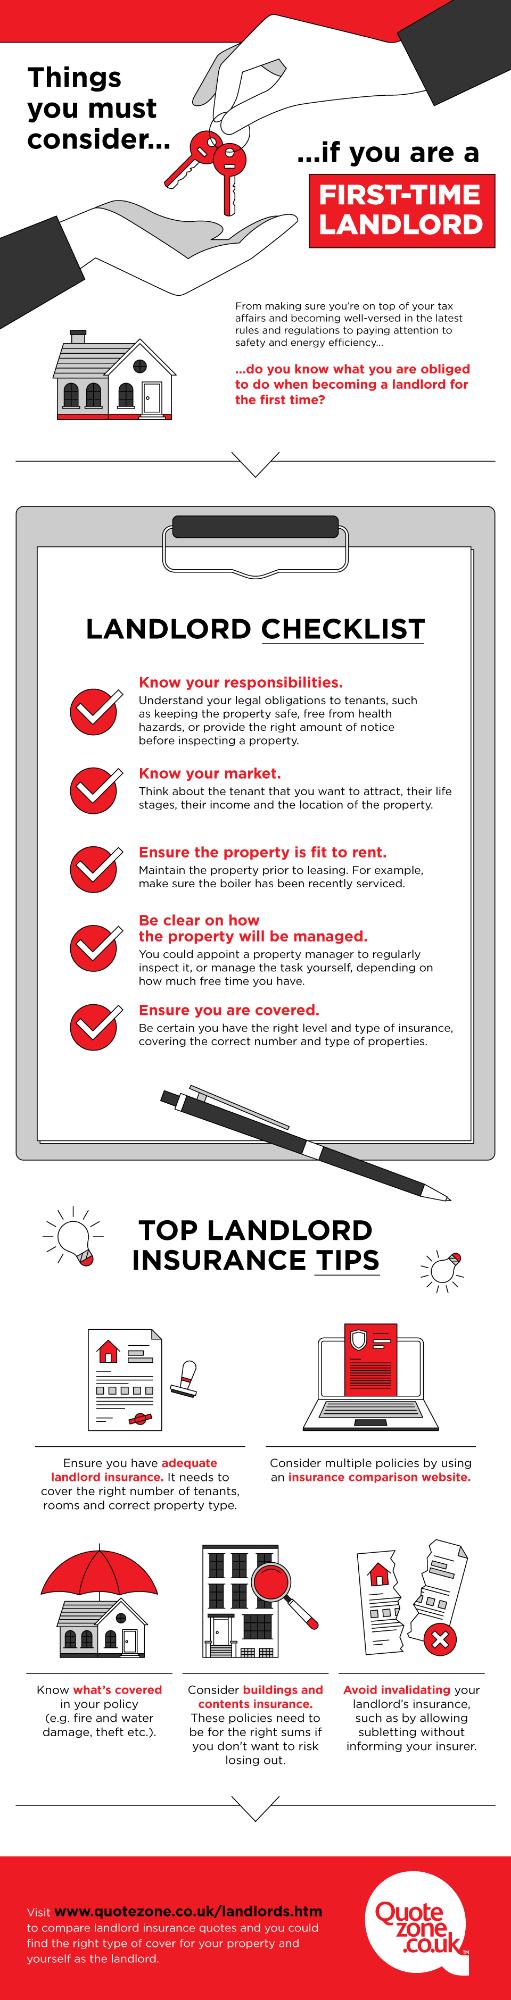 Quotezone Landlord